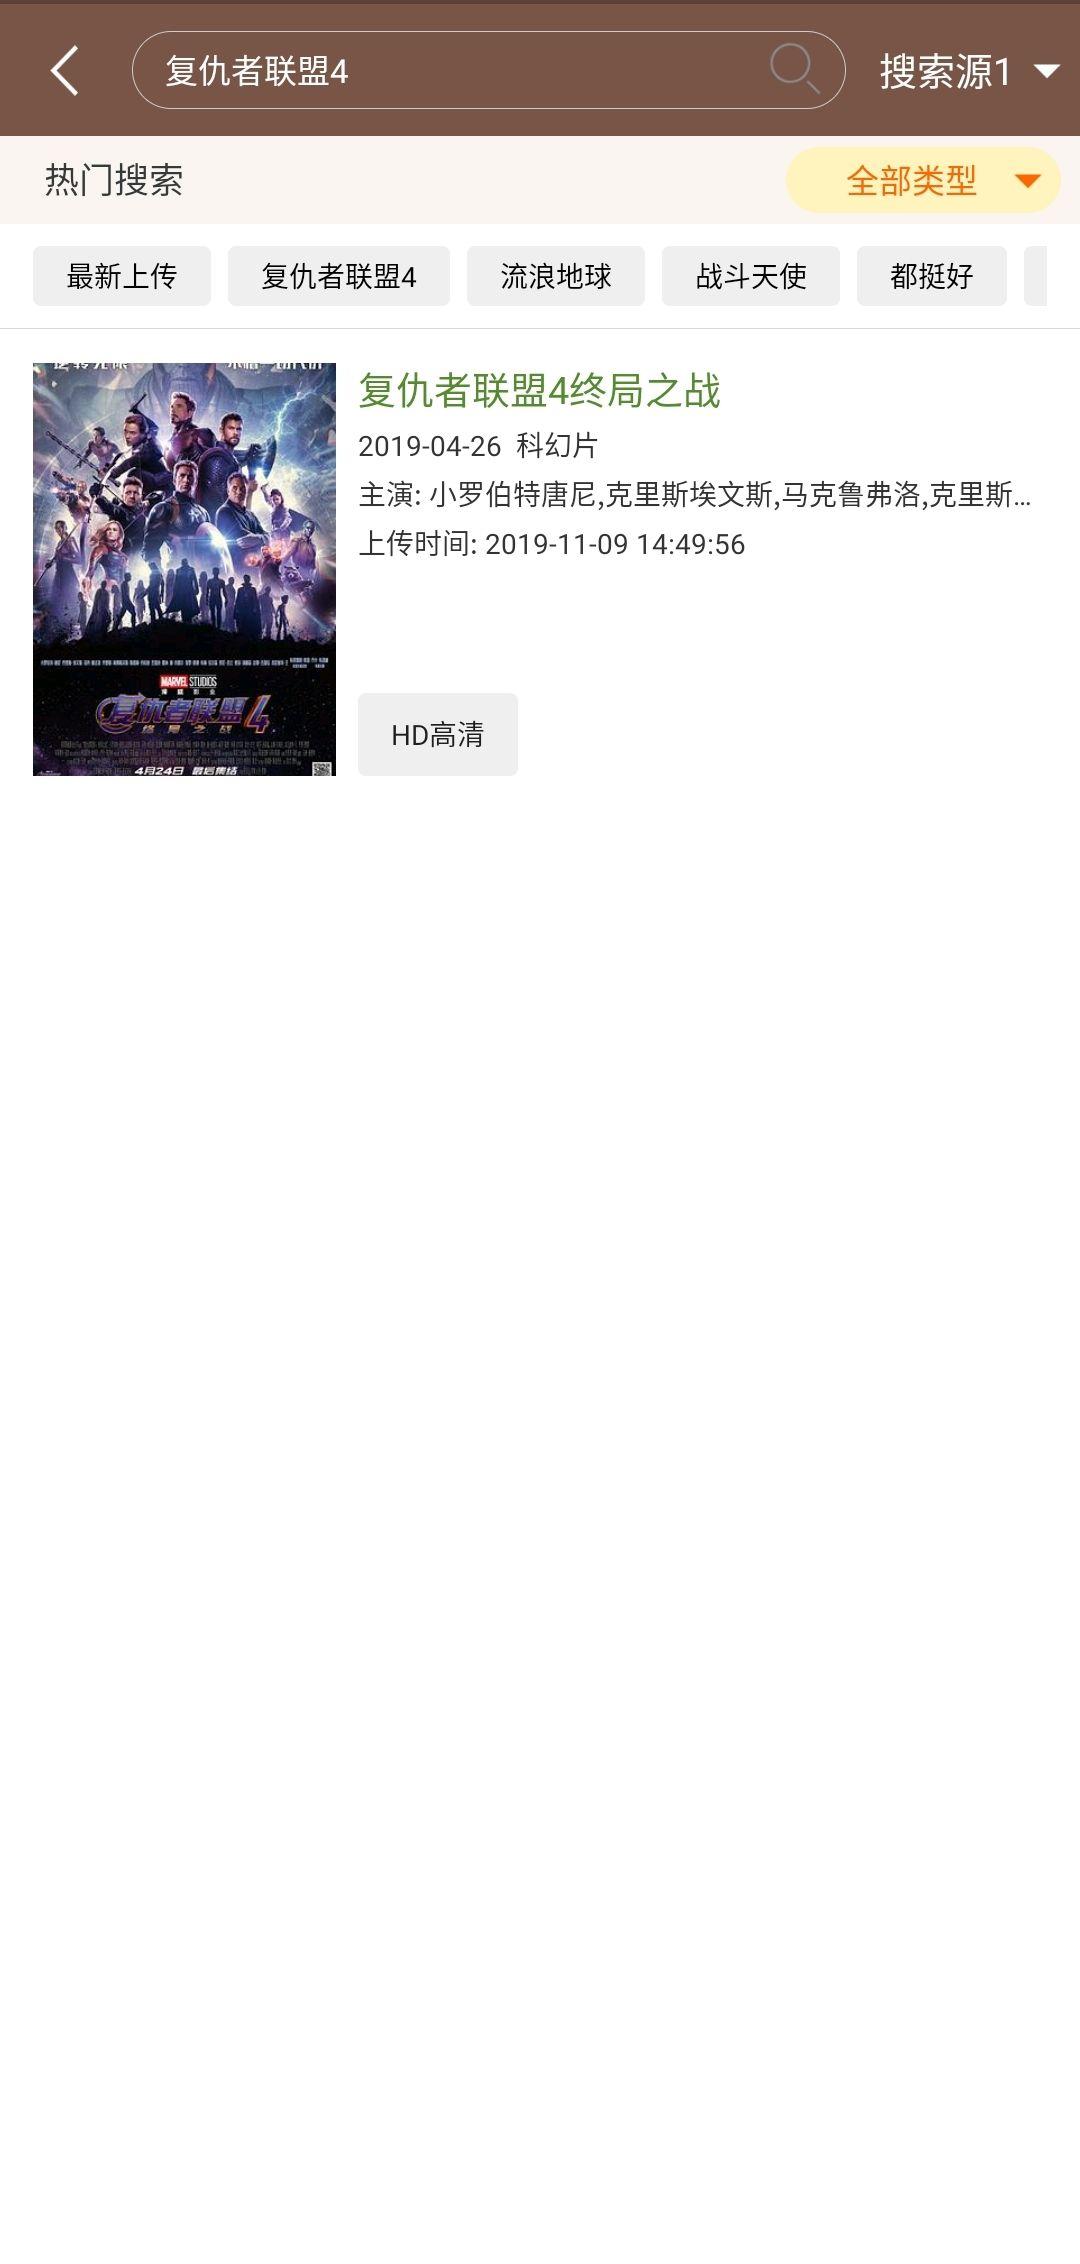 [分享]聚影vip播放器1.4/电影搜索大全/免费观看/去广告-爱小助